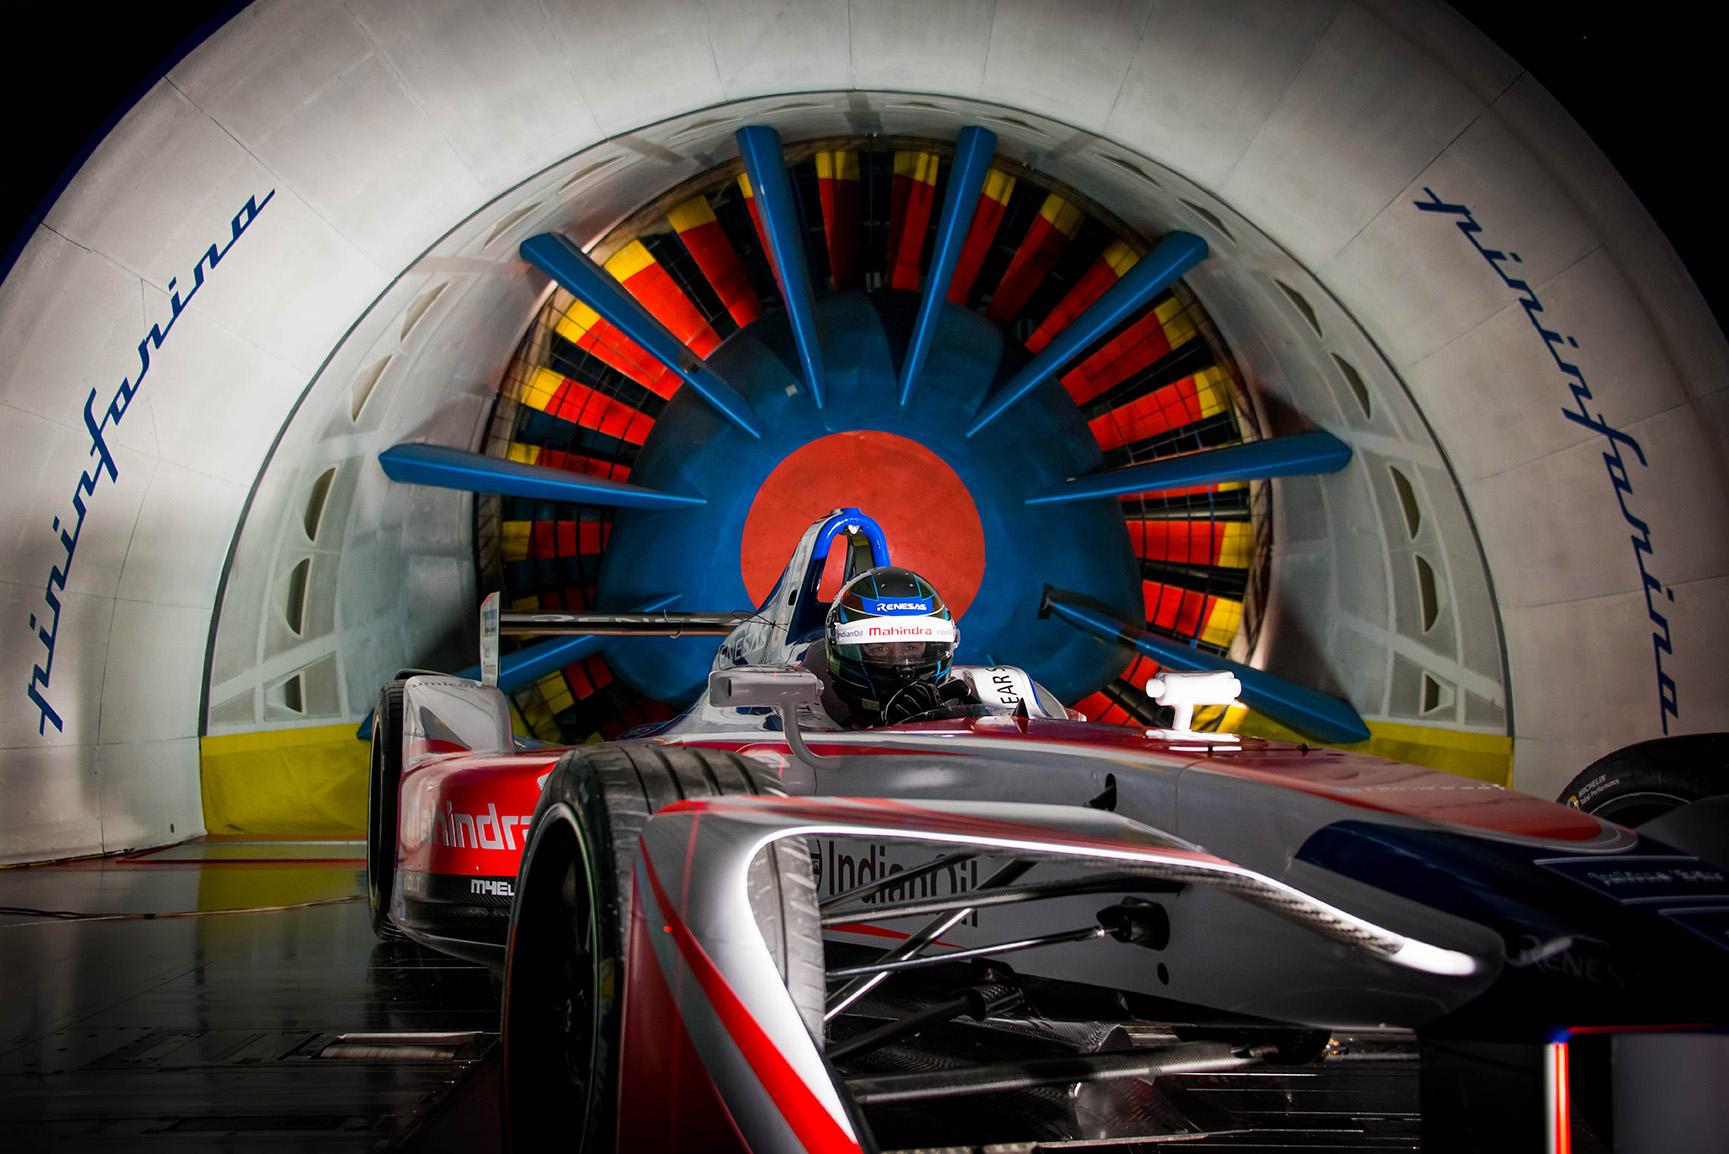 Spacesuit-Media-Marta-Rovatti-Studihrad-FIA-Formula-E-Mahindra-2018MGR_4685